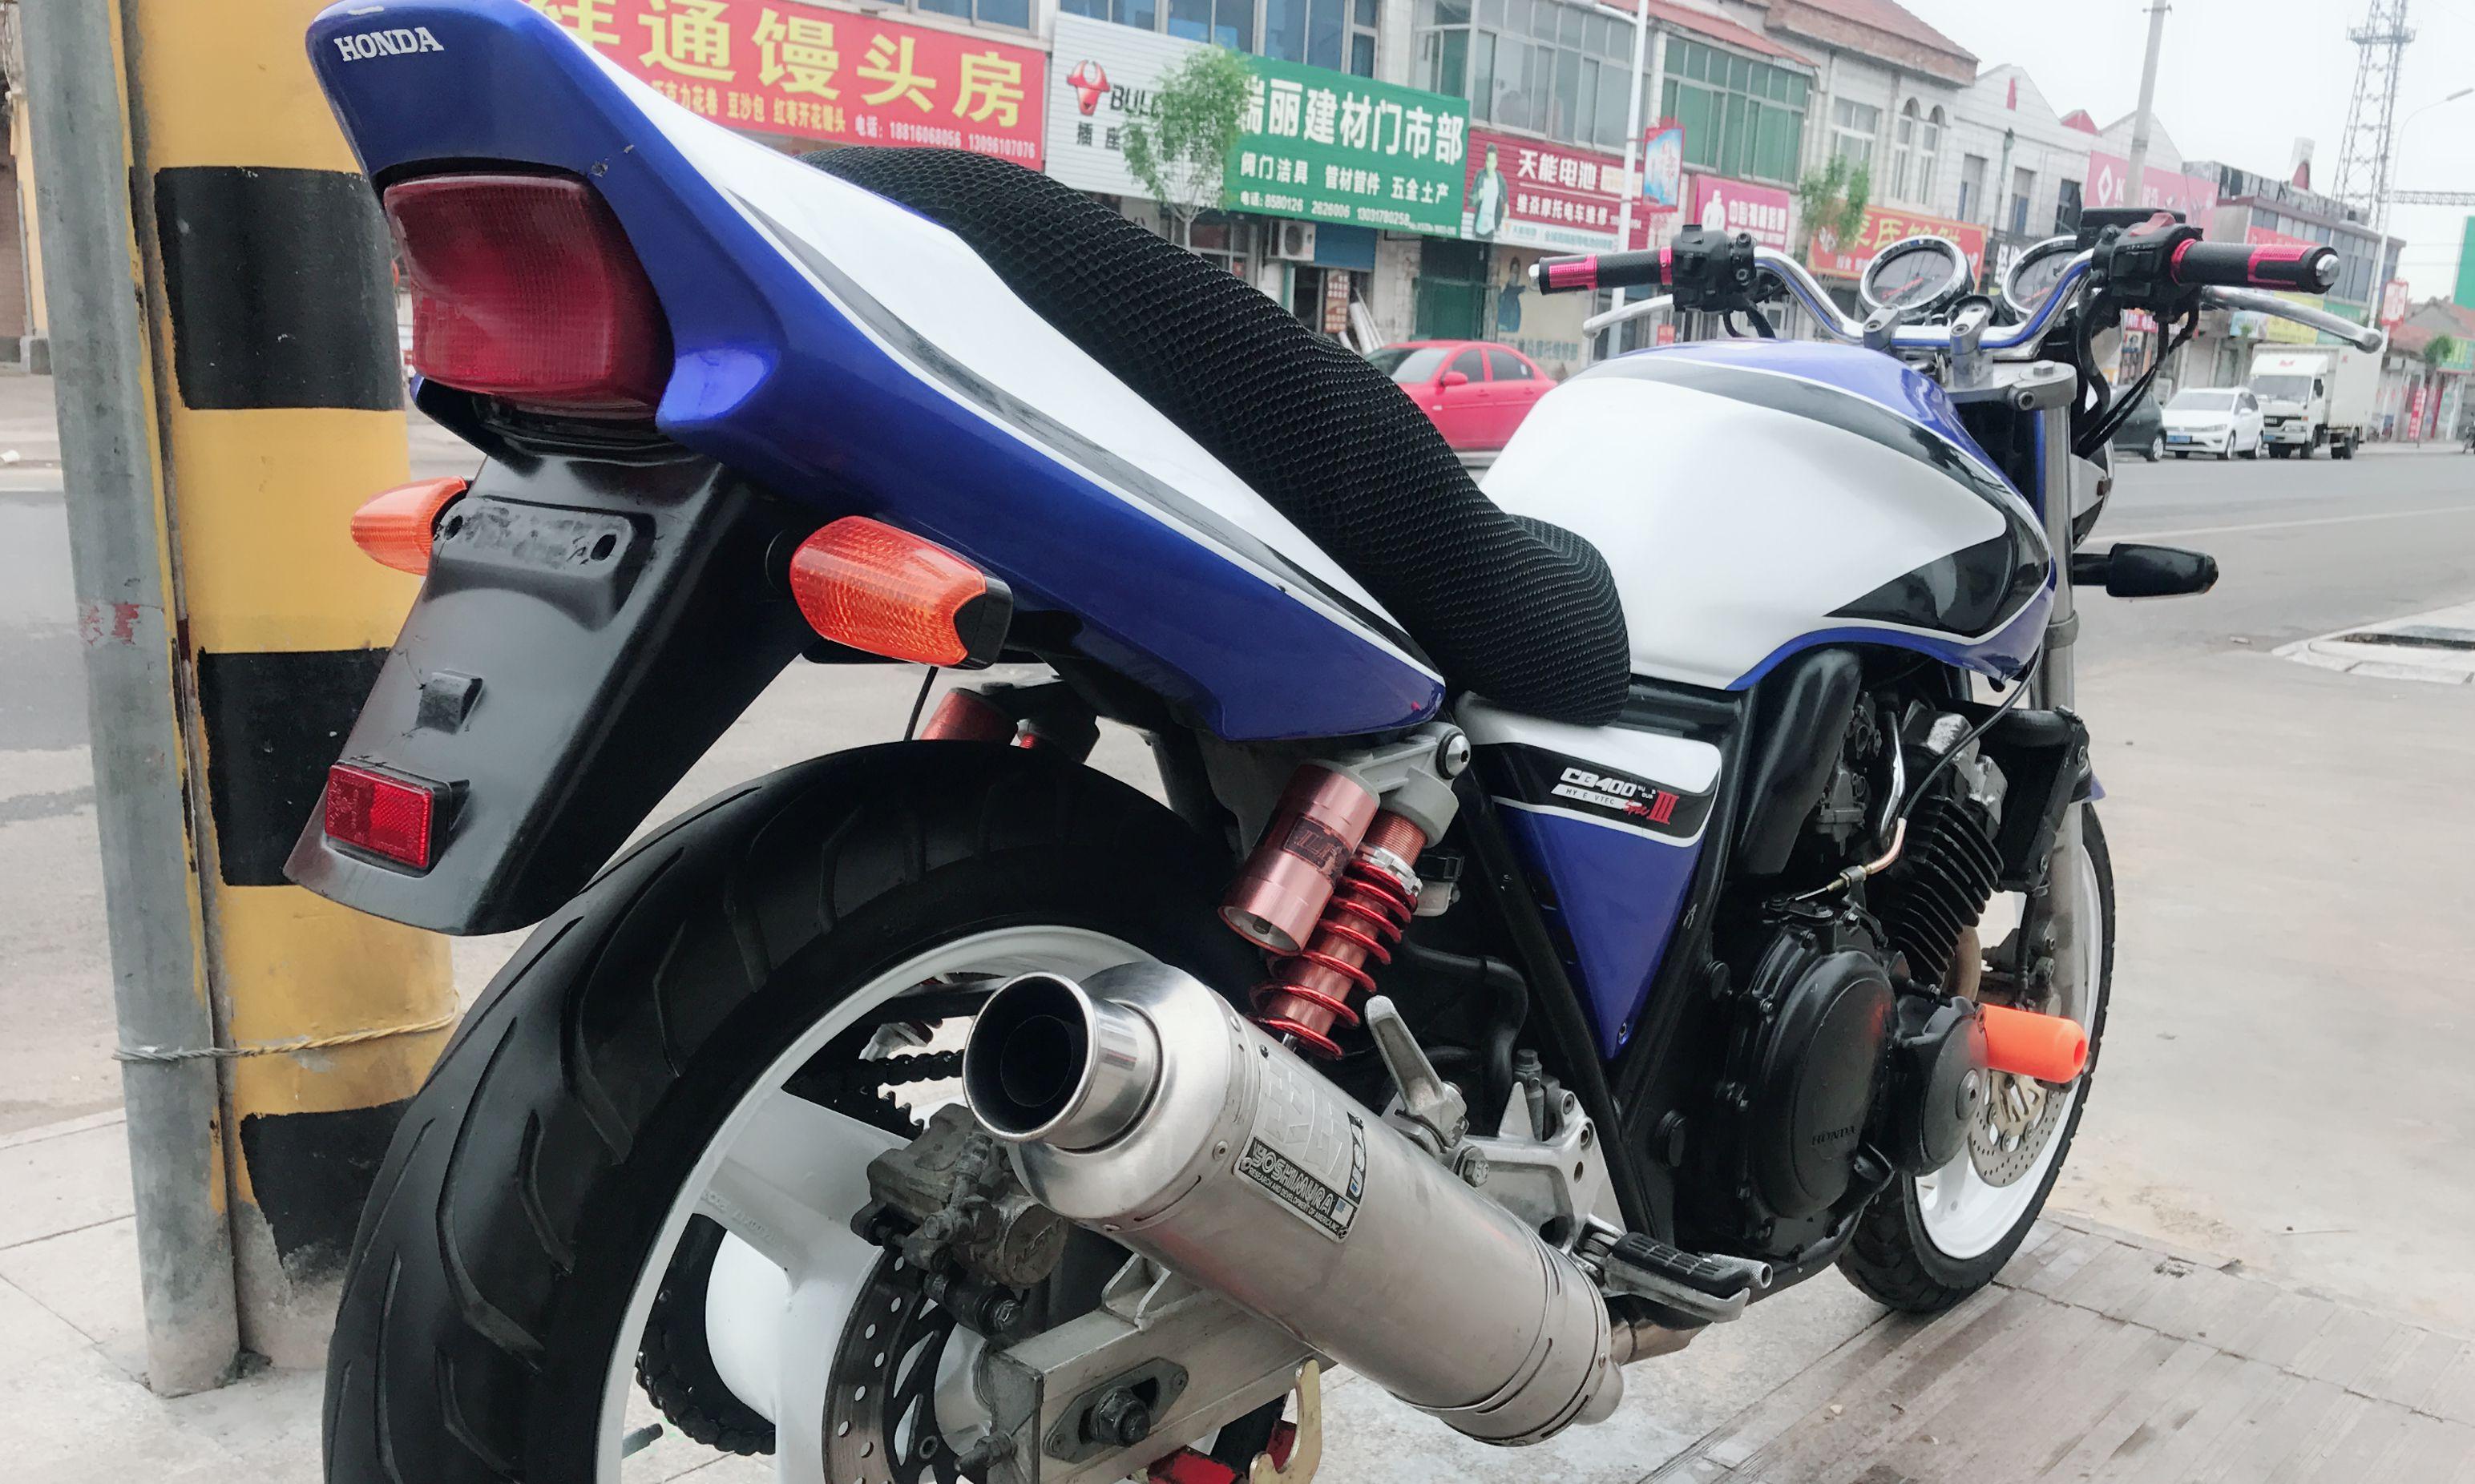 街跑摩托车cb400_山东桓台本田|本田本田CB400|400cc【骑者联盟二手摩托】